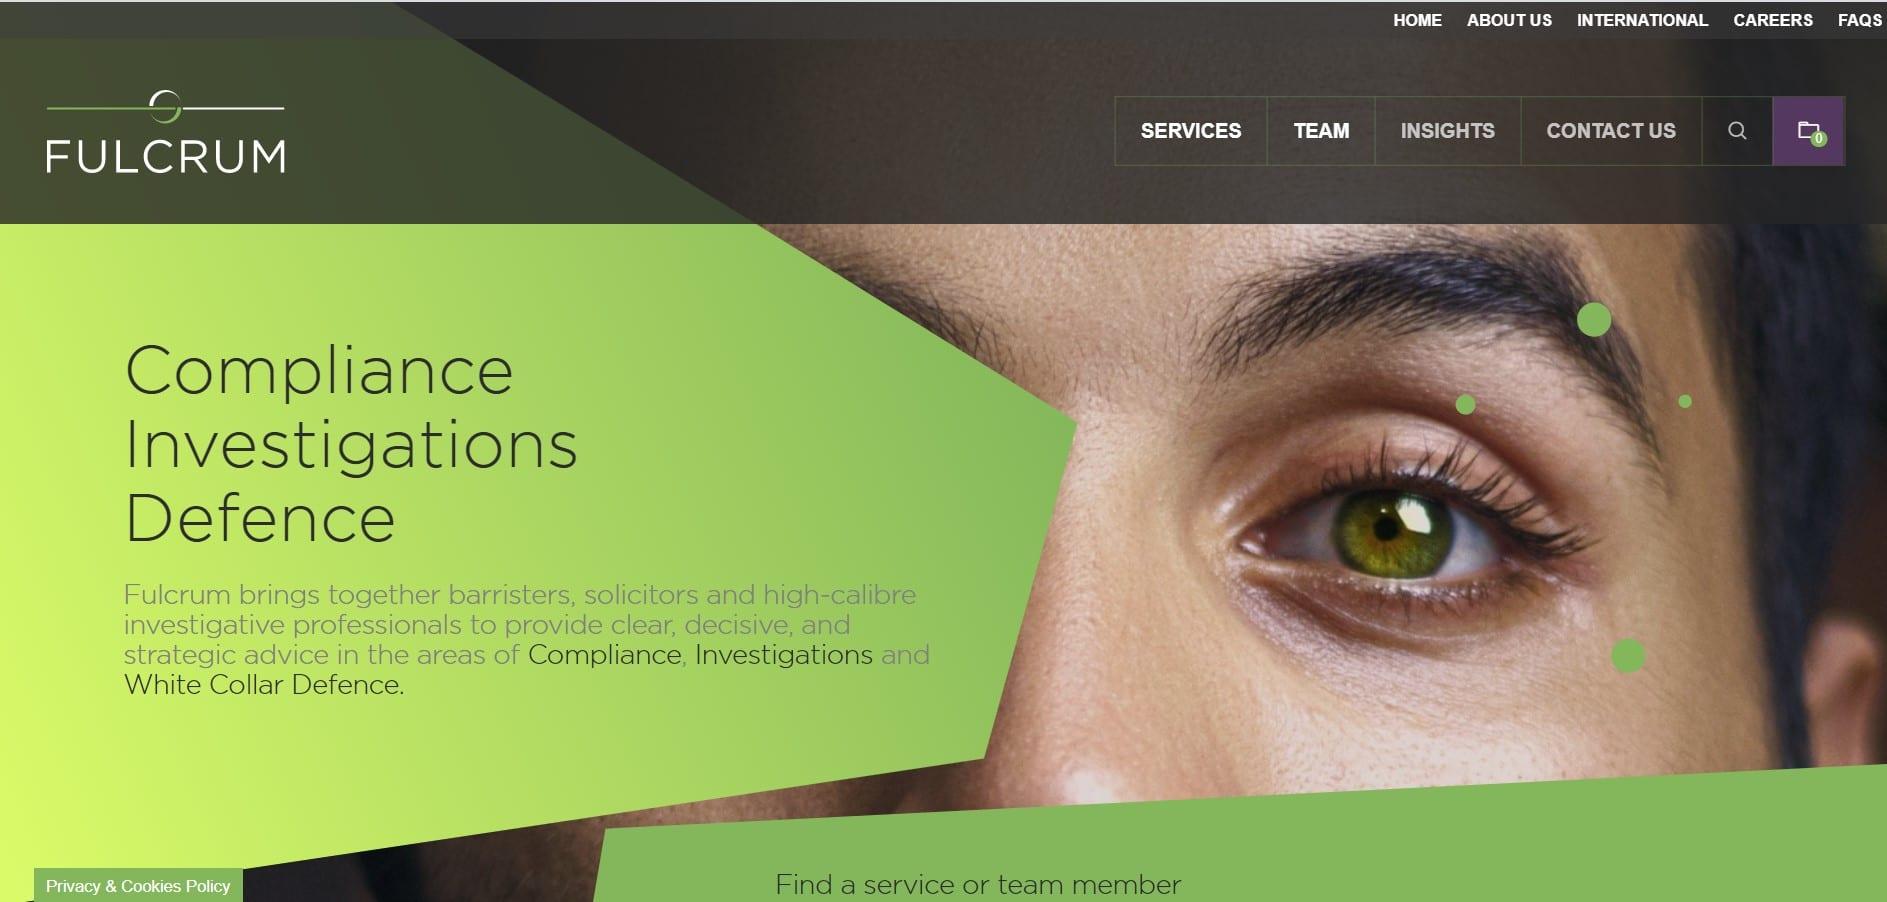 Fulcrum website